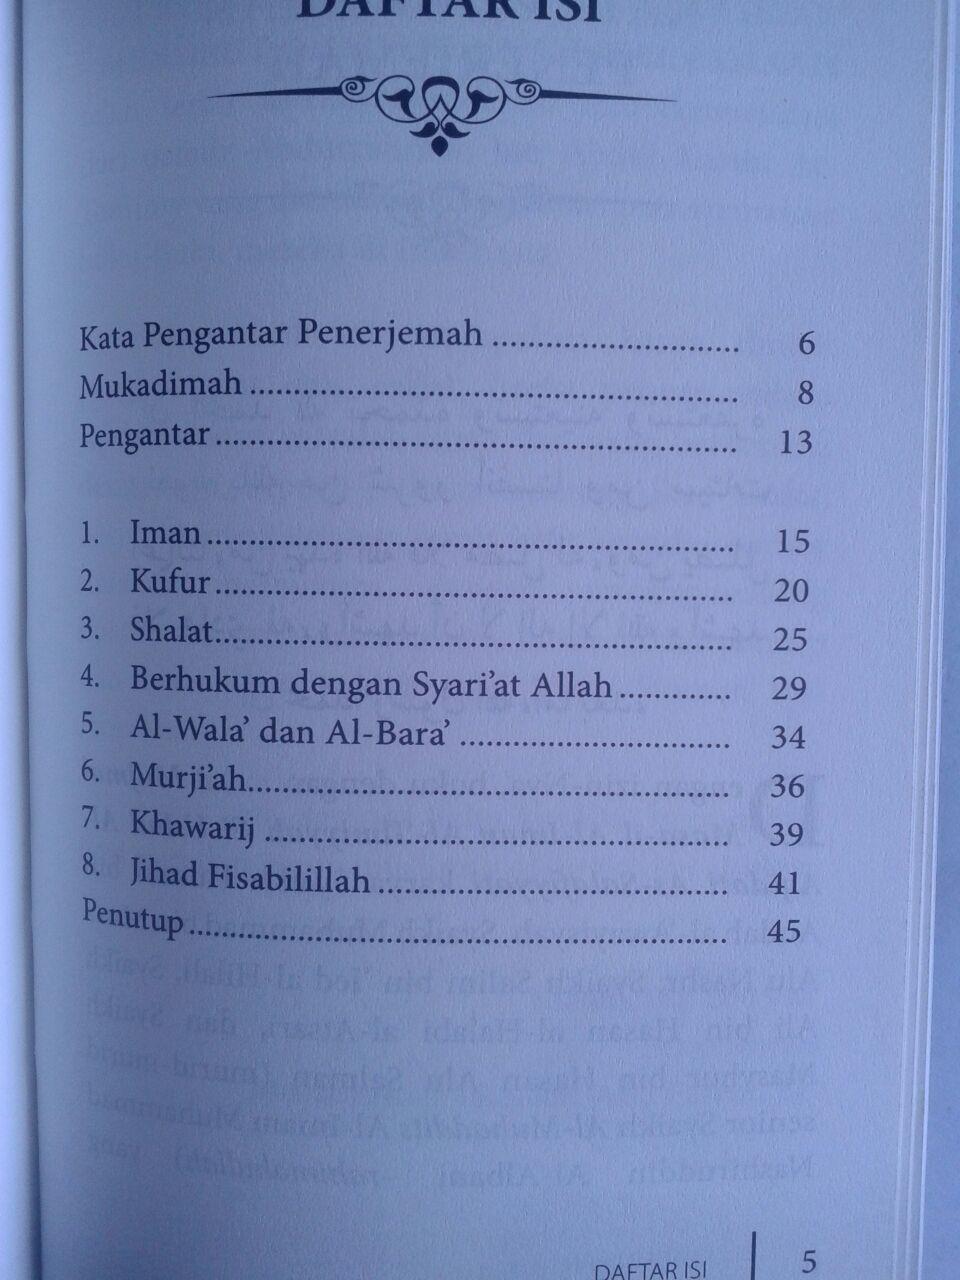 Buku Saku Konsep Iman Menurut Ahlus Sunnah Wal Jama'ah isi